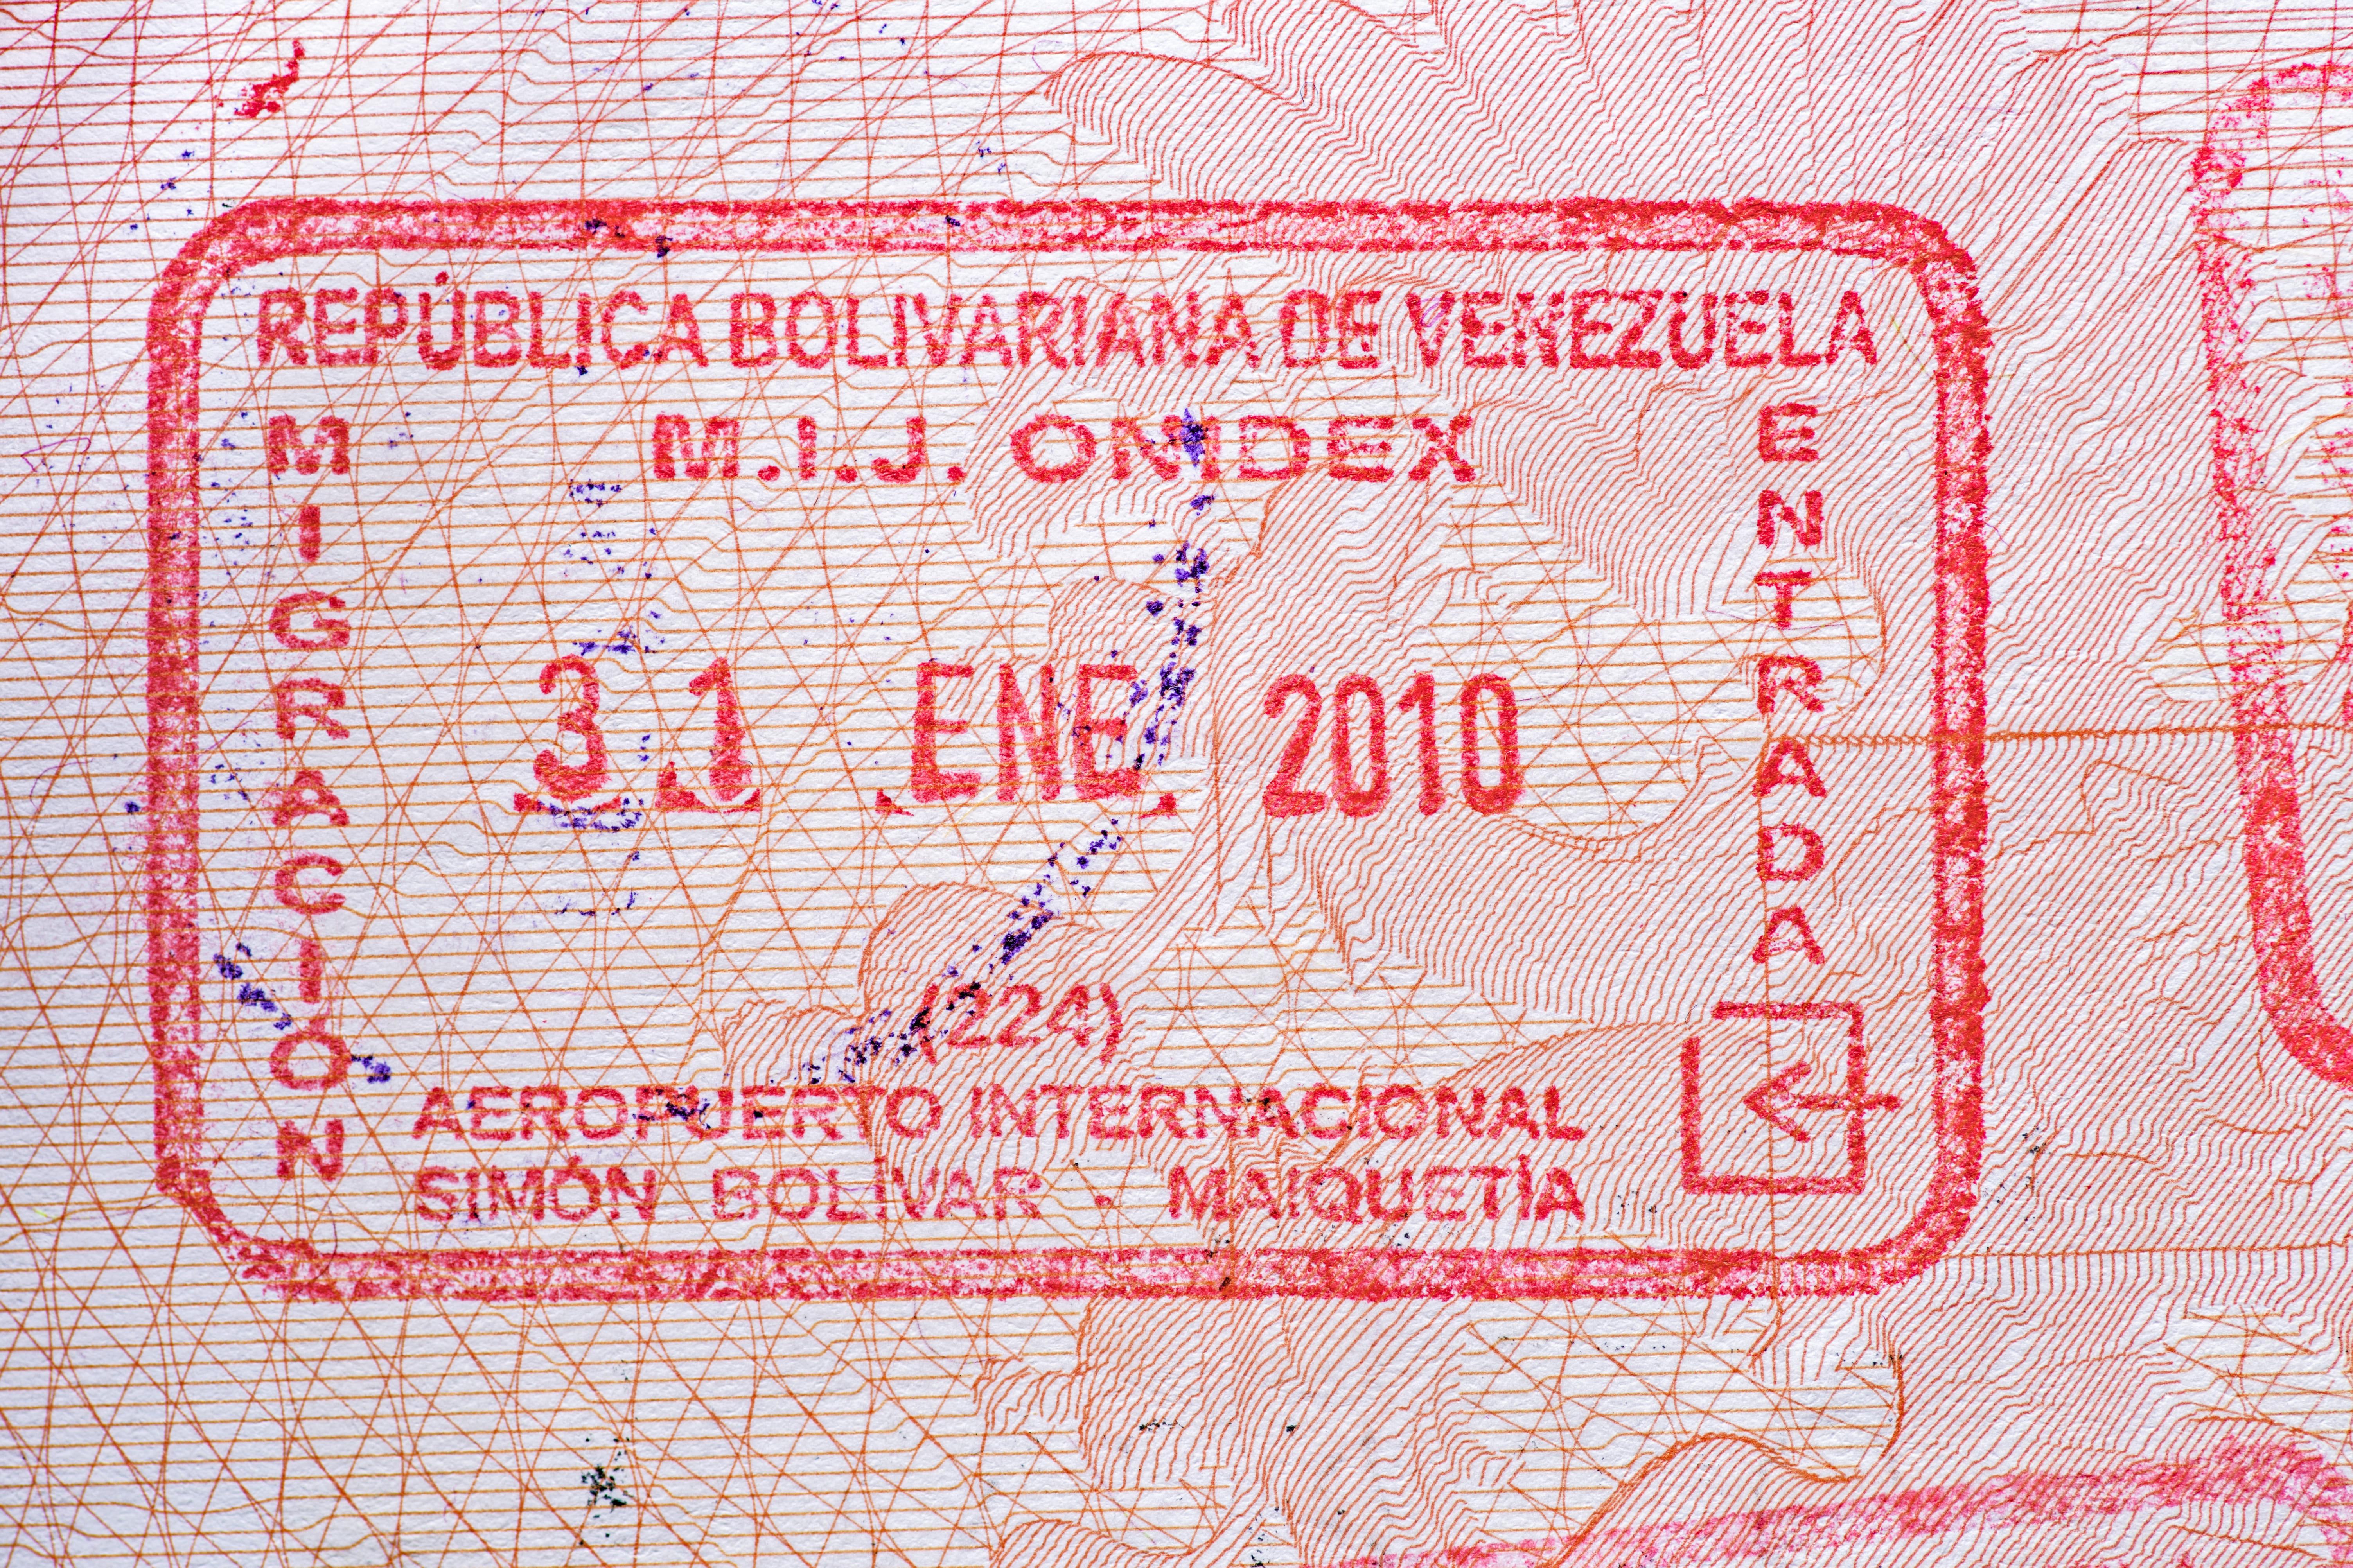 Виза в Венесуэлу, которую могут оформить россияне